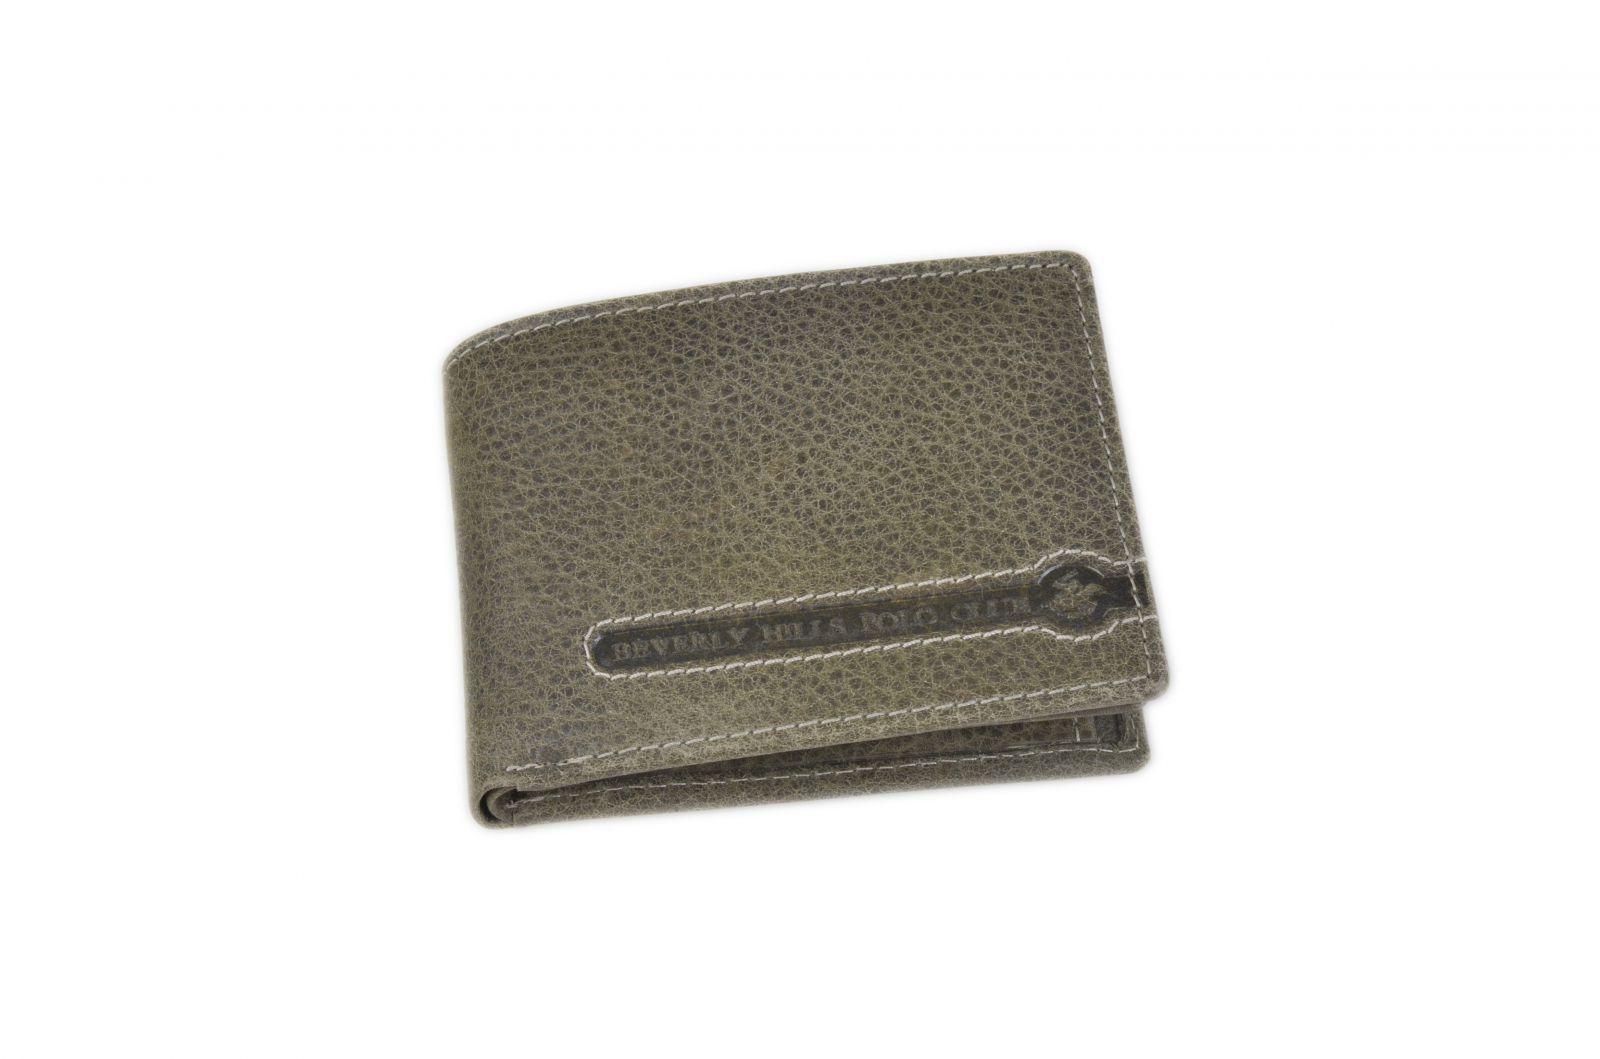 Peněženka pánská BHPC Tucson BH-395-23 antracitová v krabičce